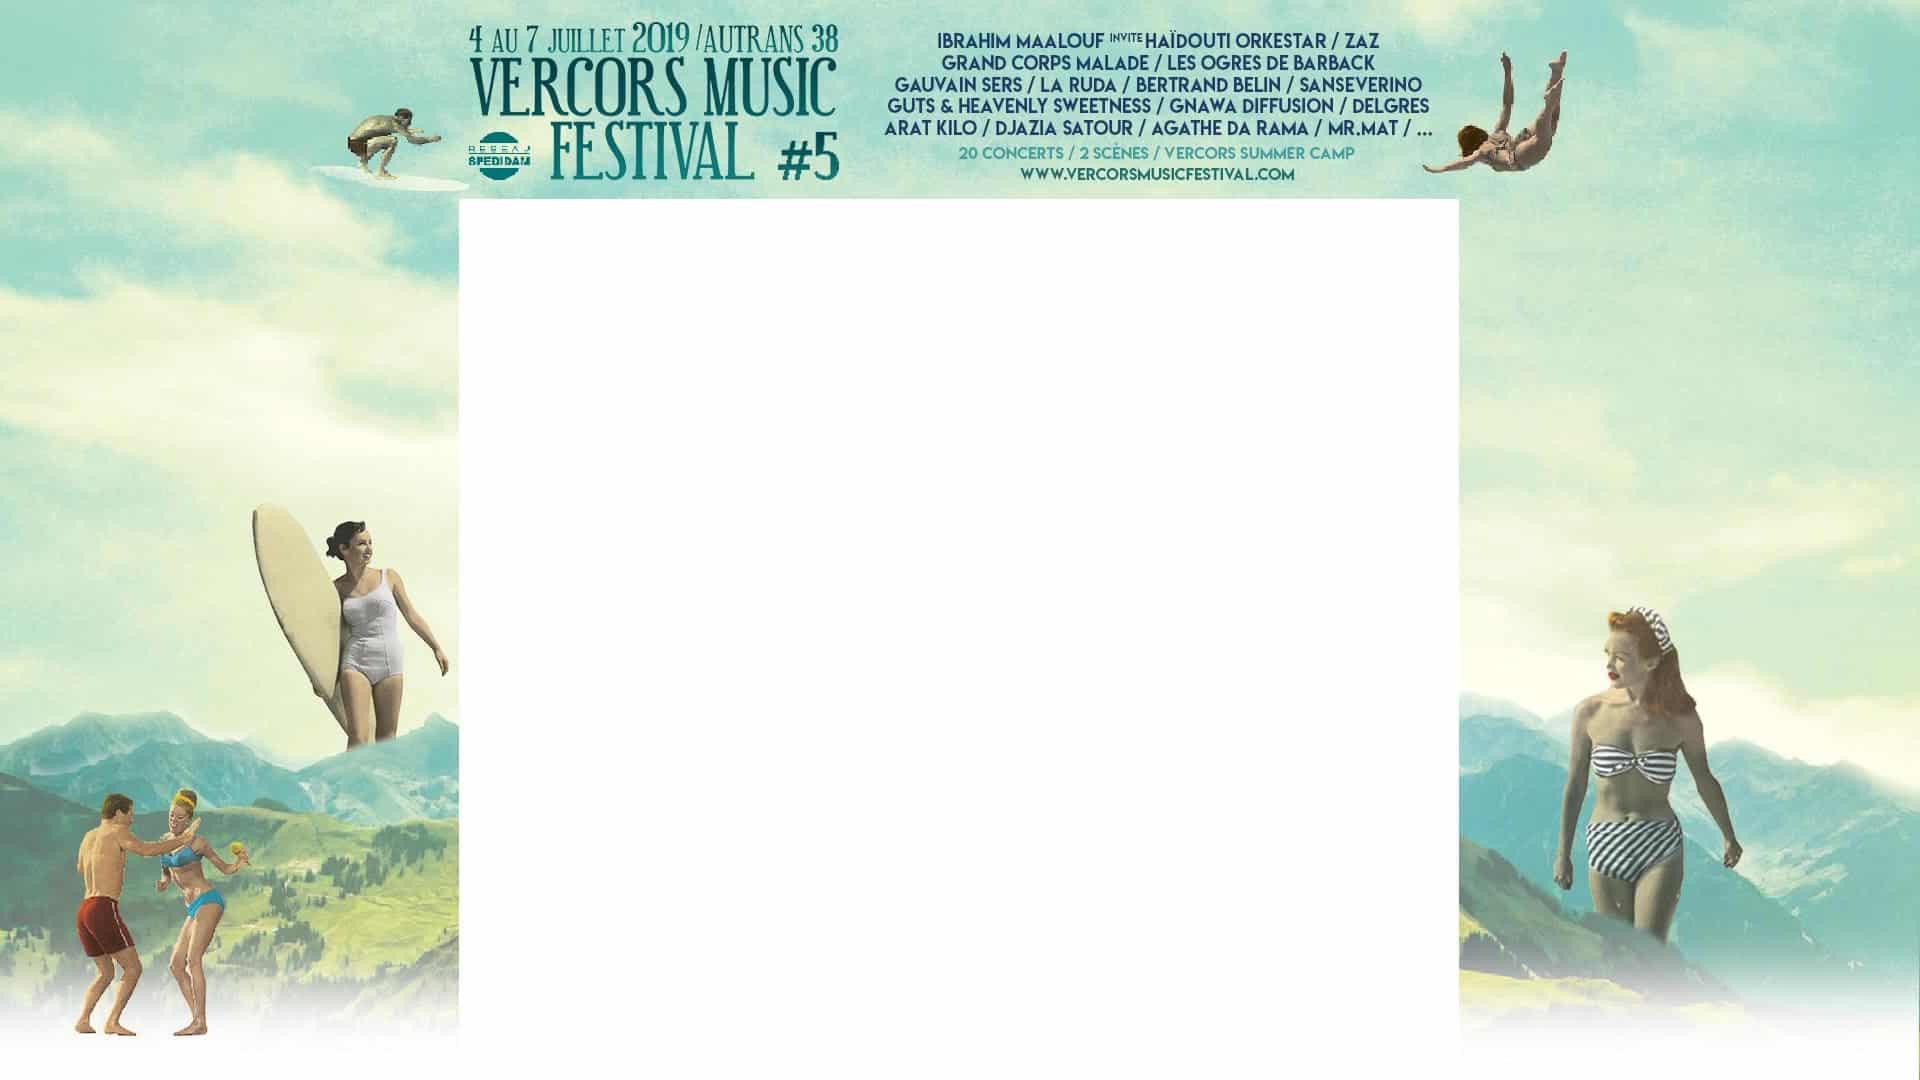 Vercors Music Festival du 4 au 7 juillet 2019 à Autrans